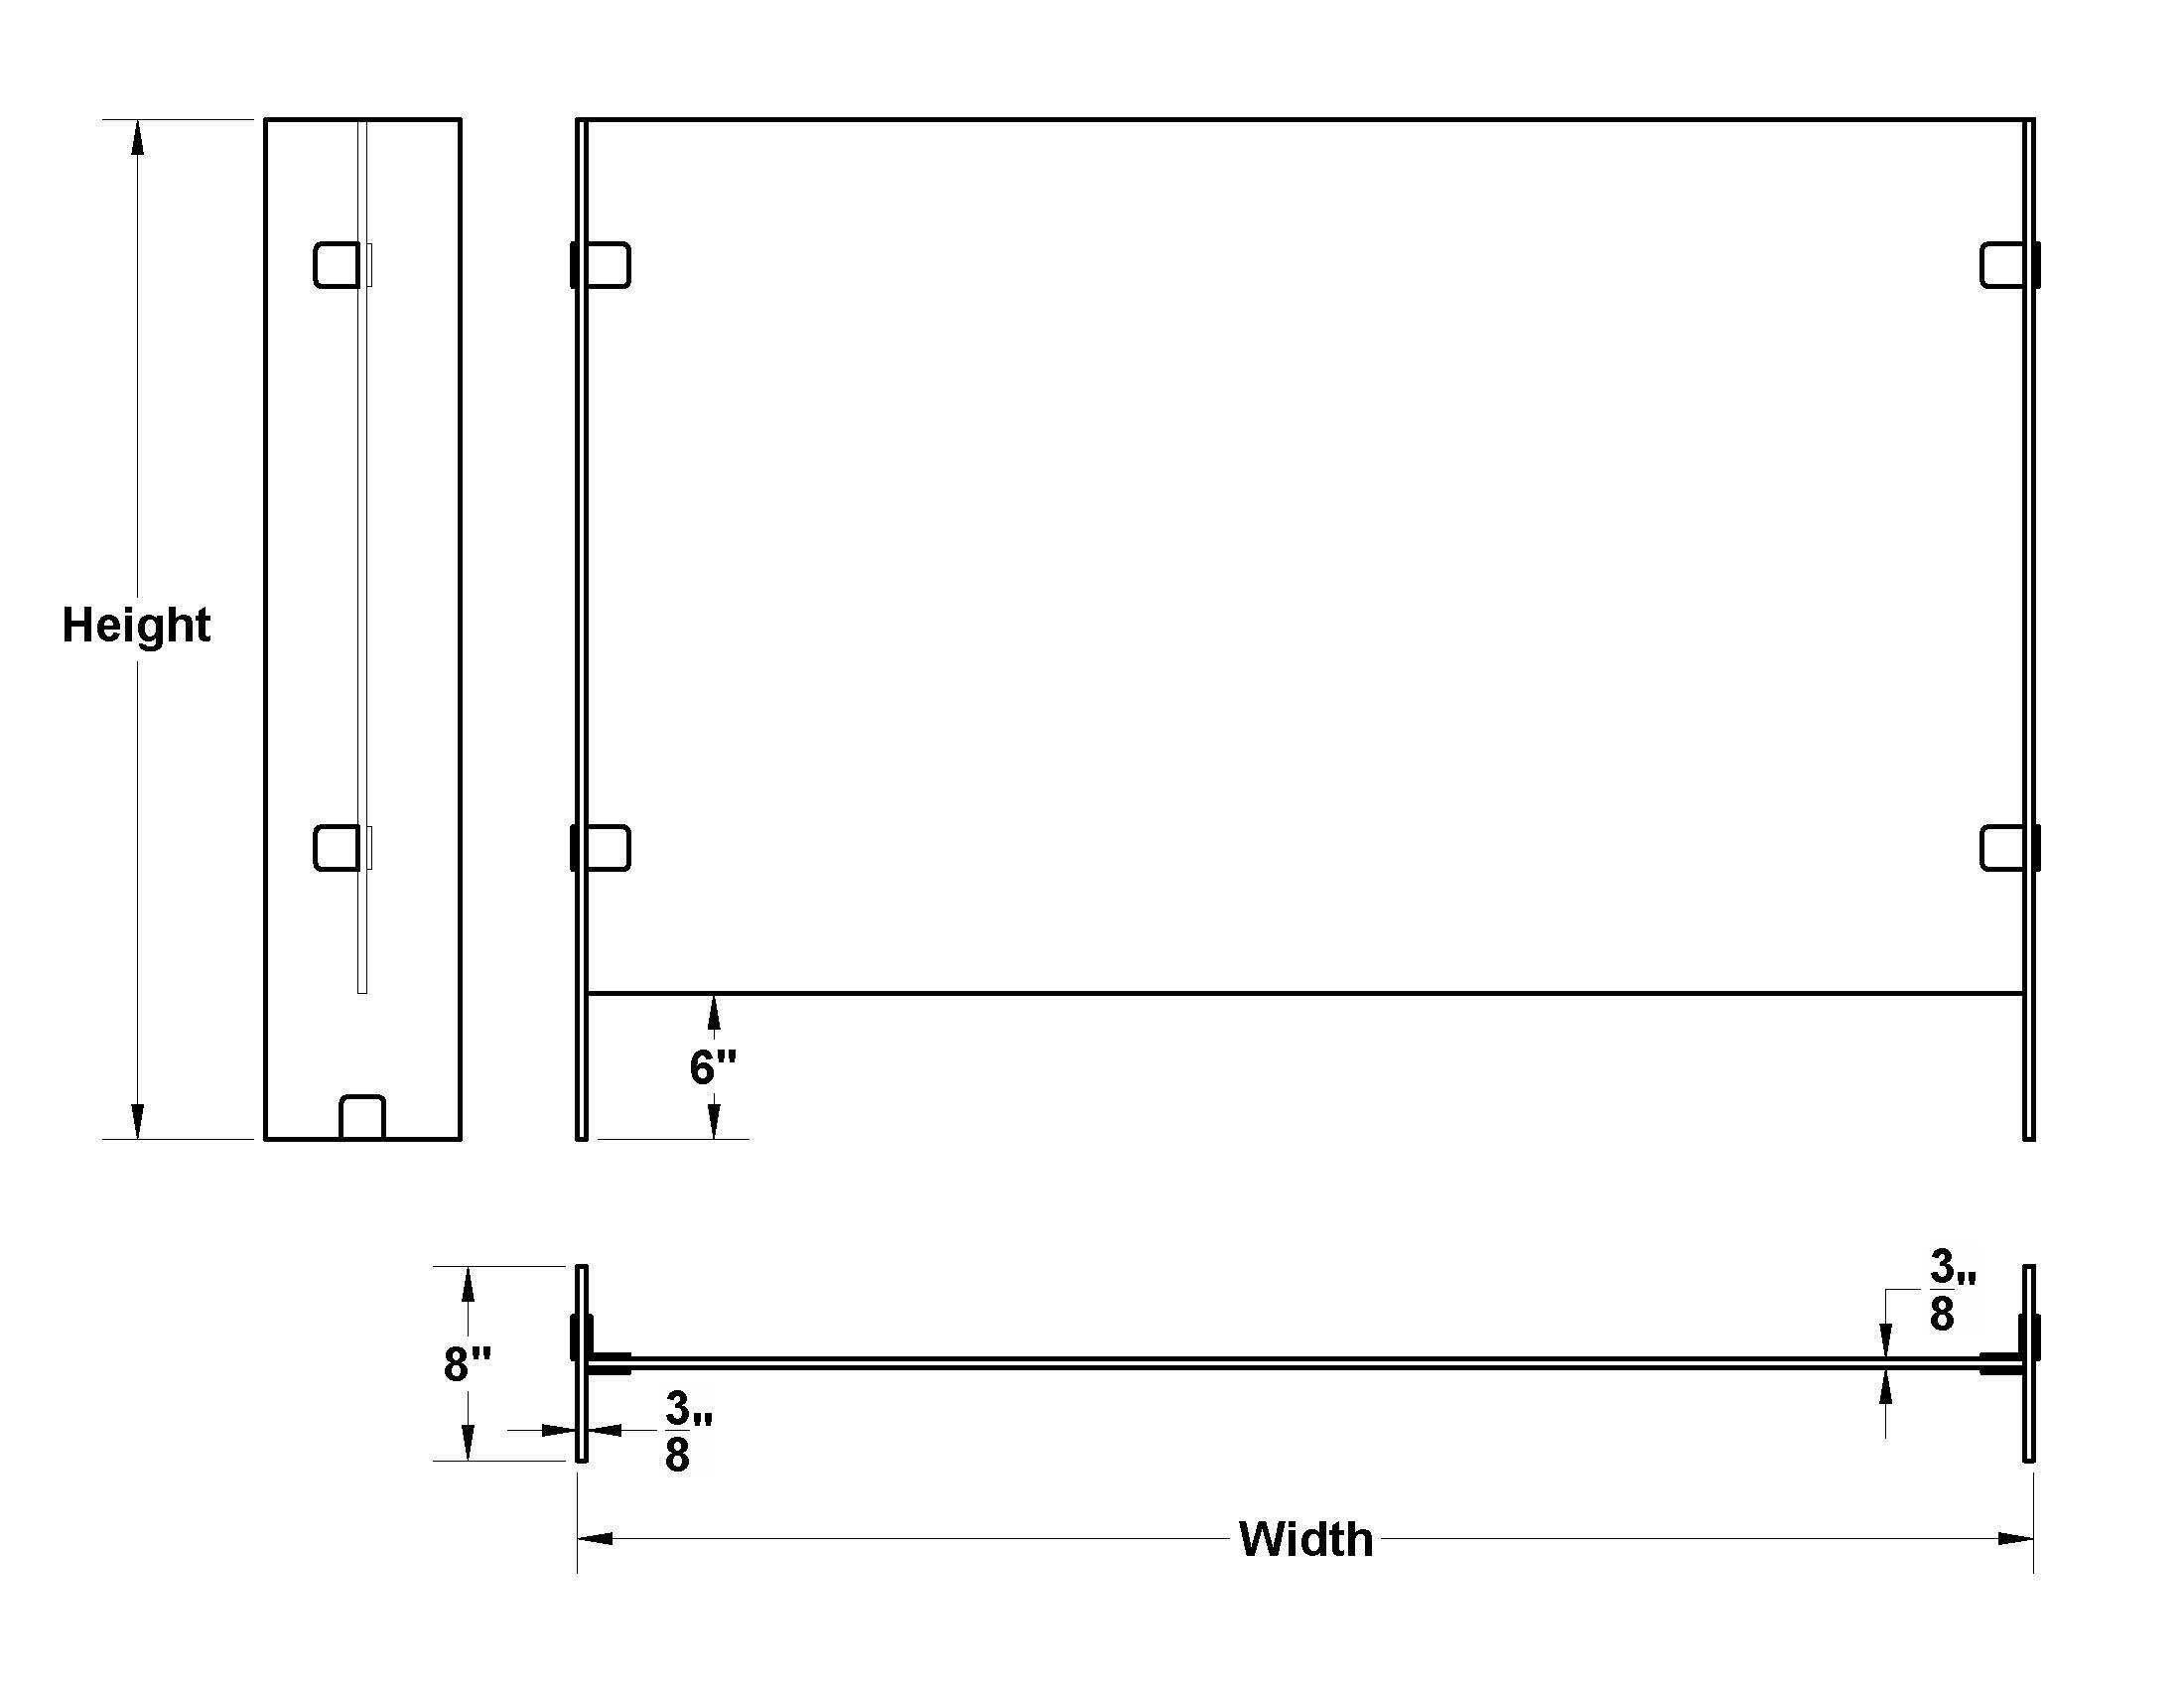 3/8 glass measurements